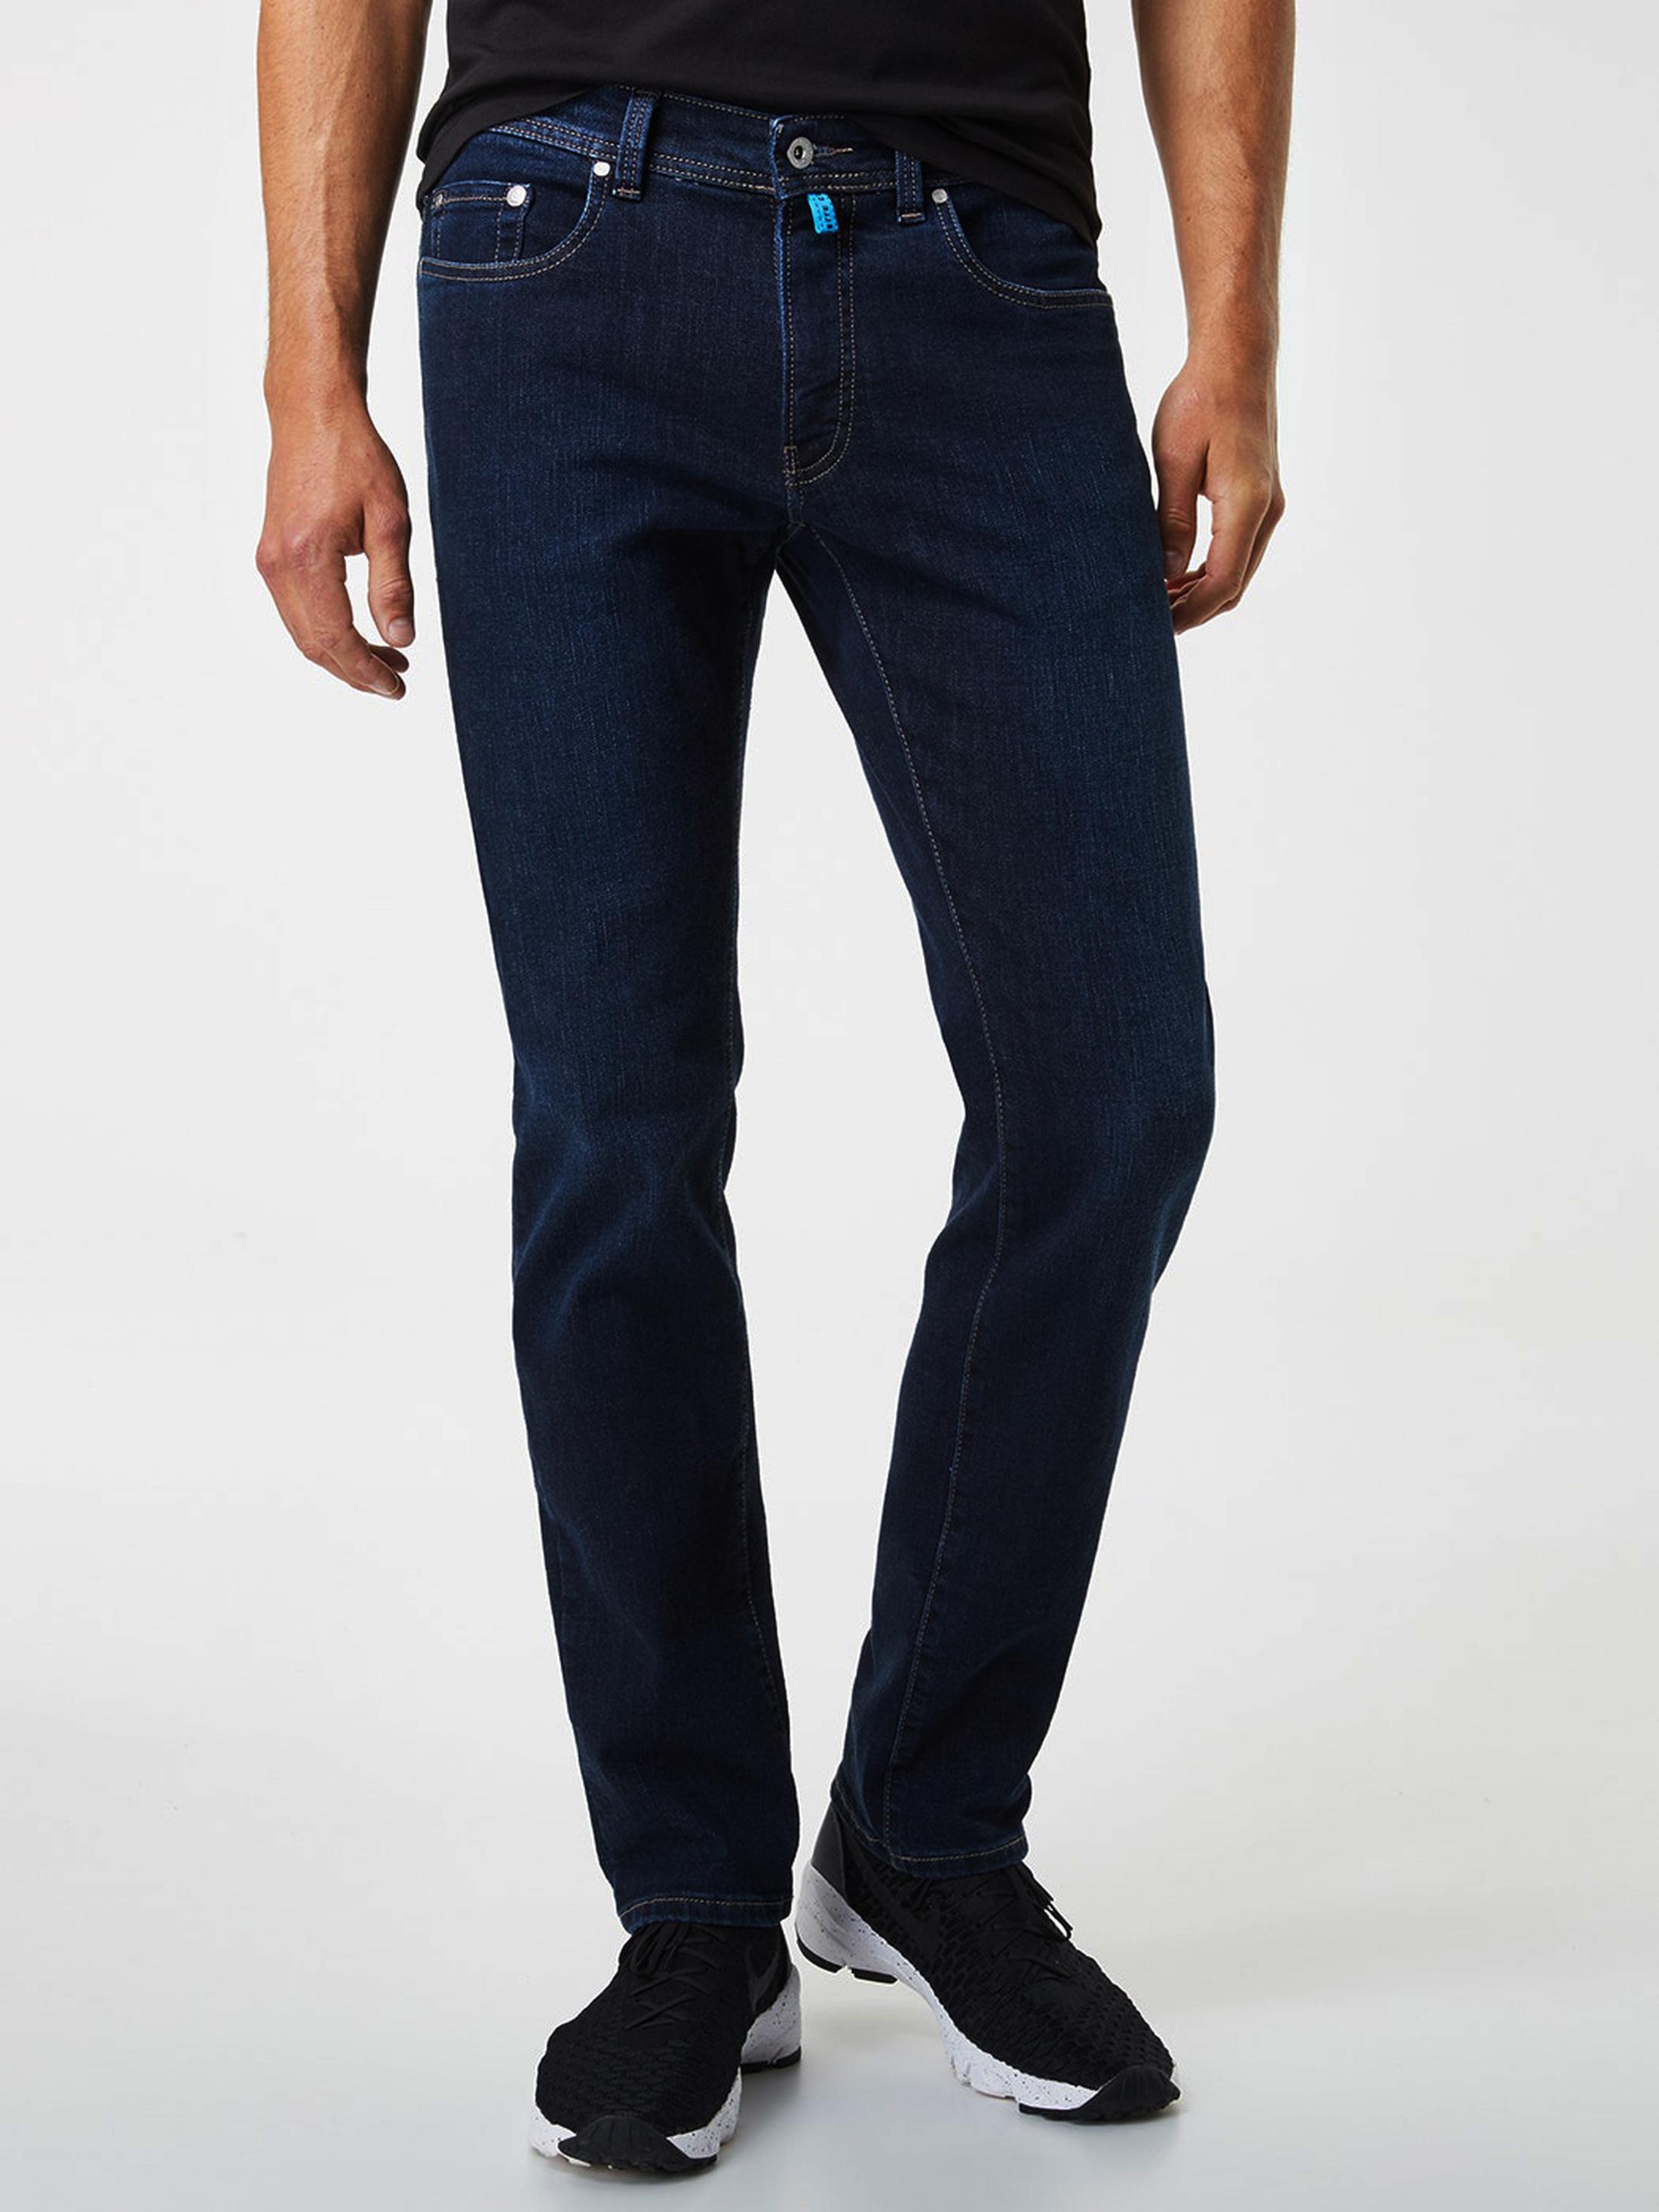 Pierre Cardin Lyon Jeans Future Flex 04 foto 4